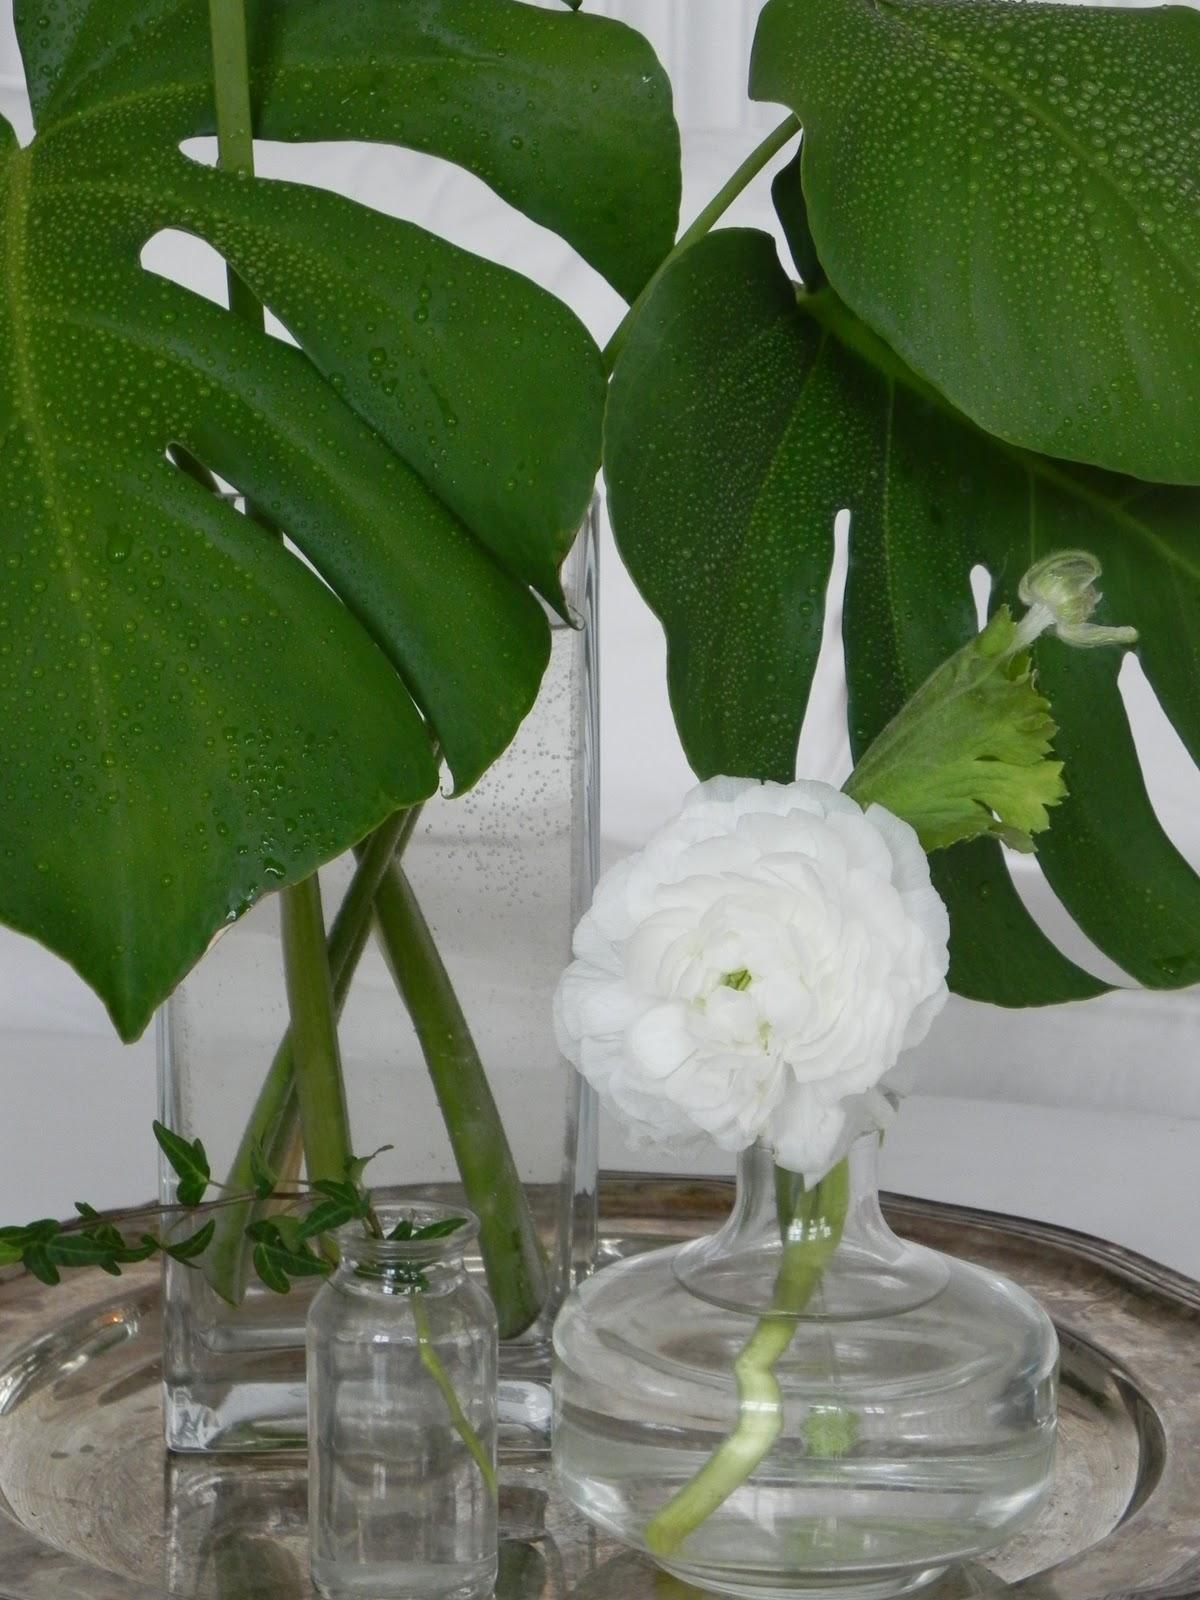 växt med stora blad